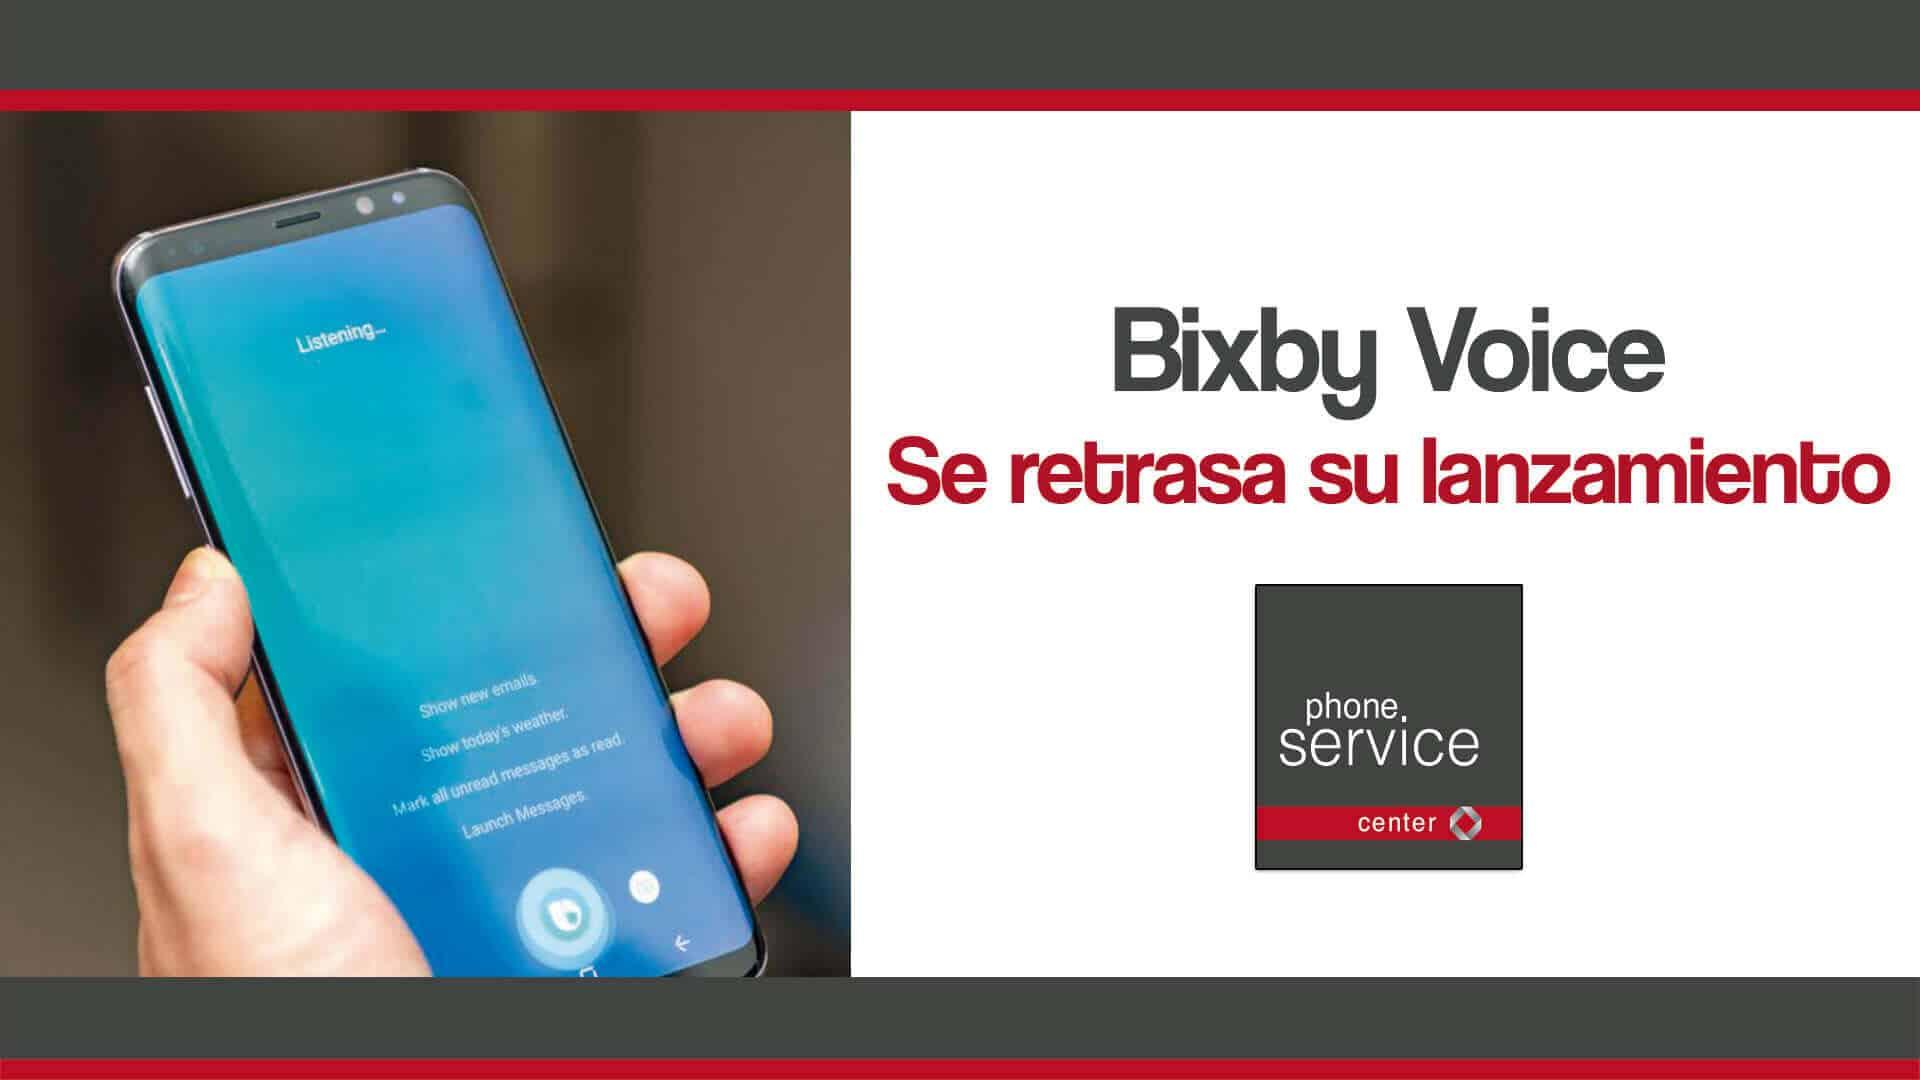 Bixby Voice se retrasa su lanzamiento